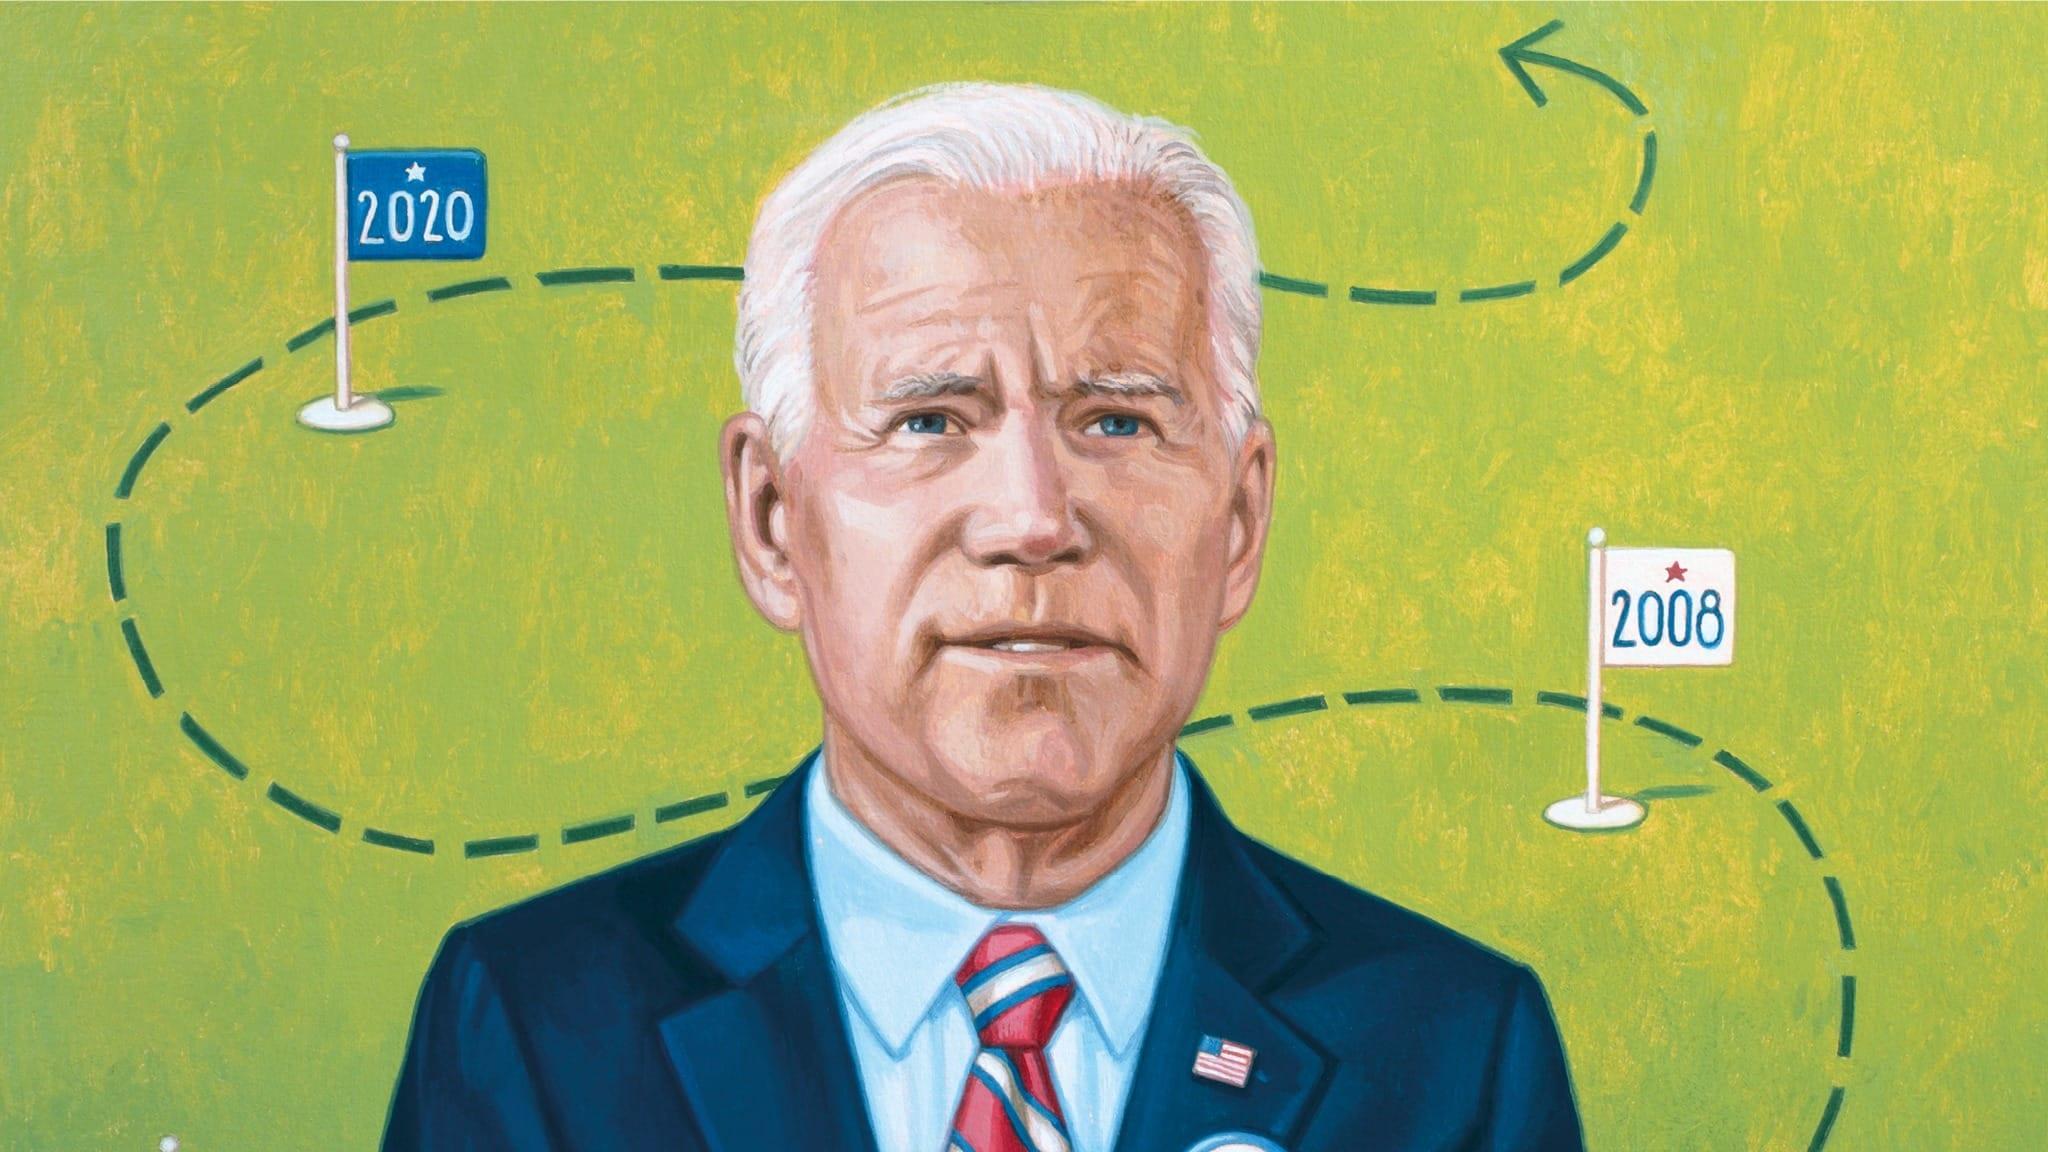 Οι ΗΠΑ στο Αφγανιστάν και ο ρόλος που δίνει ο Μπάιντεν στην Τουρκία Πλησιάζει τον Λευκό Οίκο ο υποψήφιος των Δημοκρατικών Τζό Μπάιντεν καθώς πριν από λίγο πέρασε μπροστά και στην κρίσιμη πολιτεία της Πενσιλβάνια